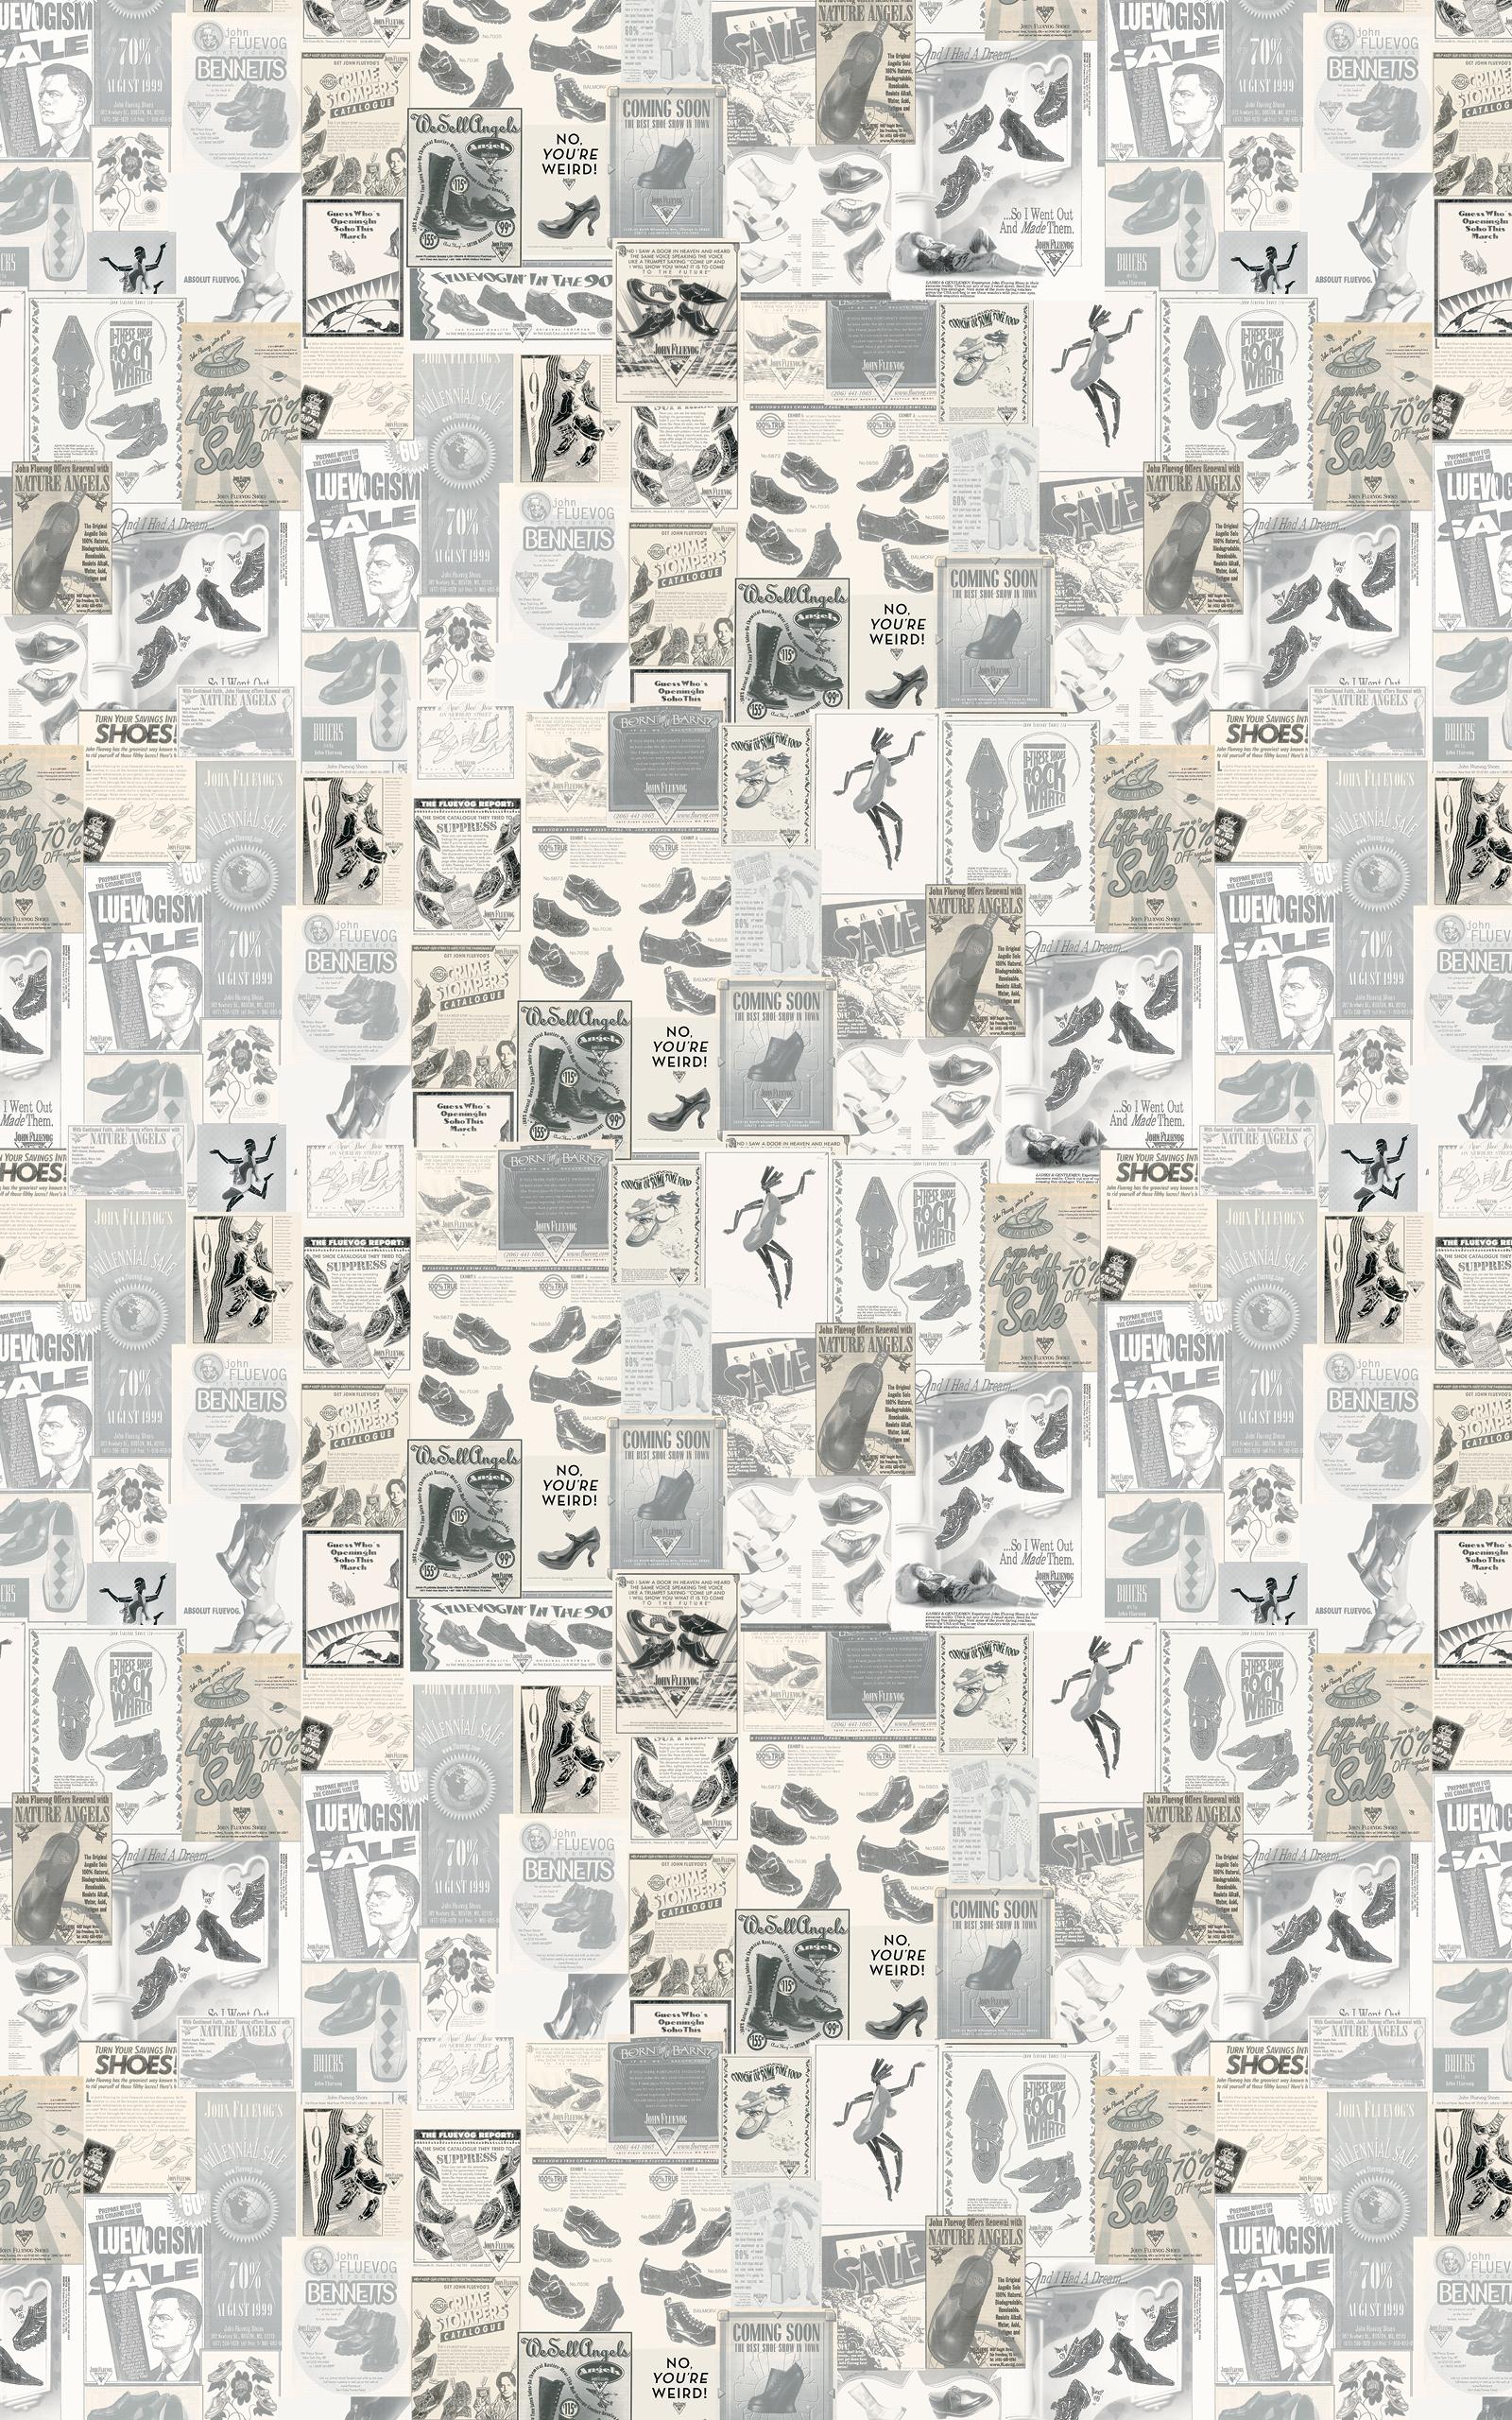 rene caovilla shoes collage wallpaper - photo #21